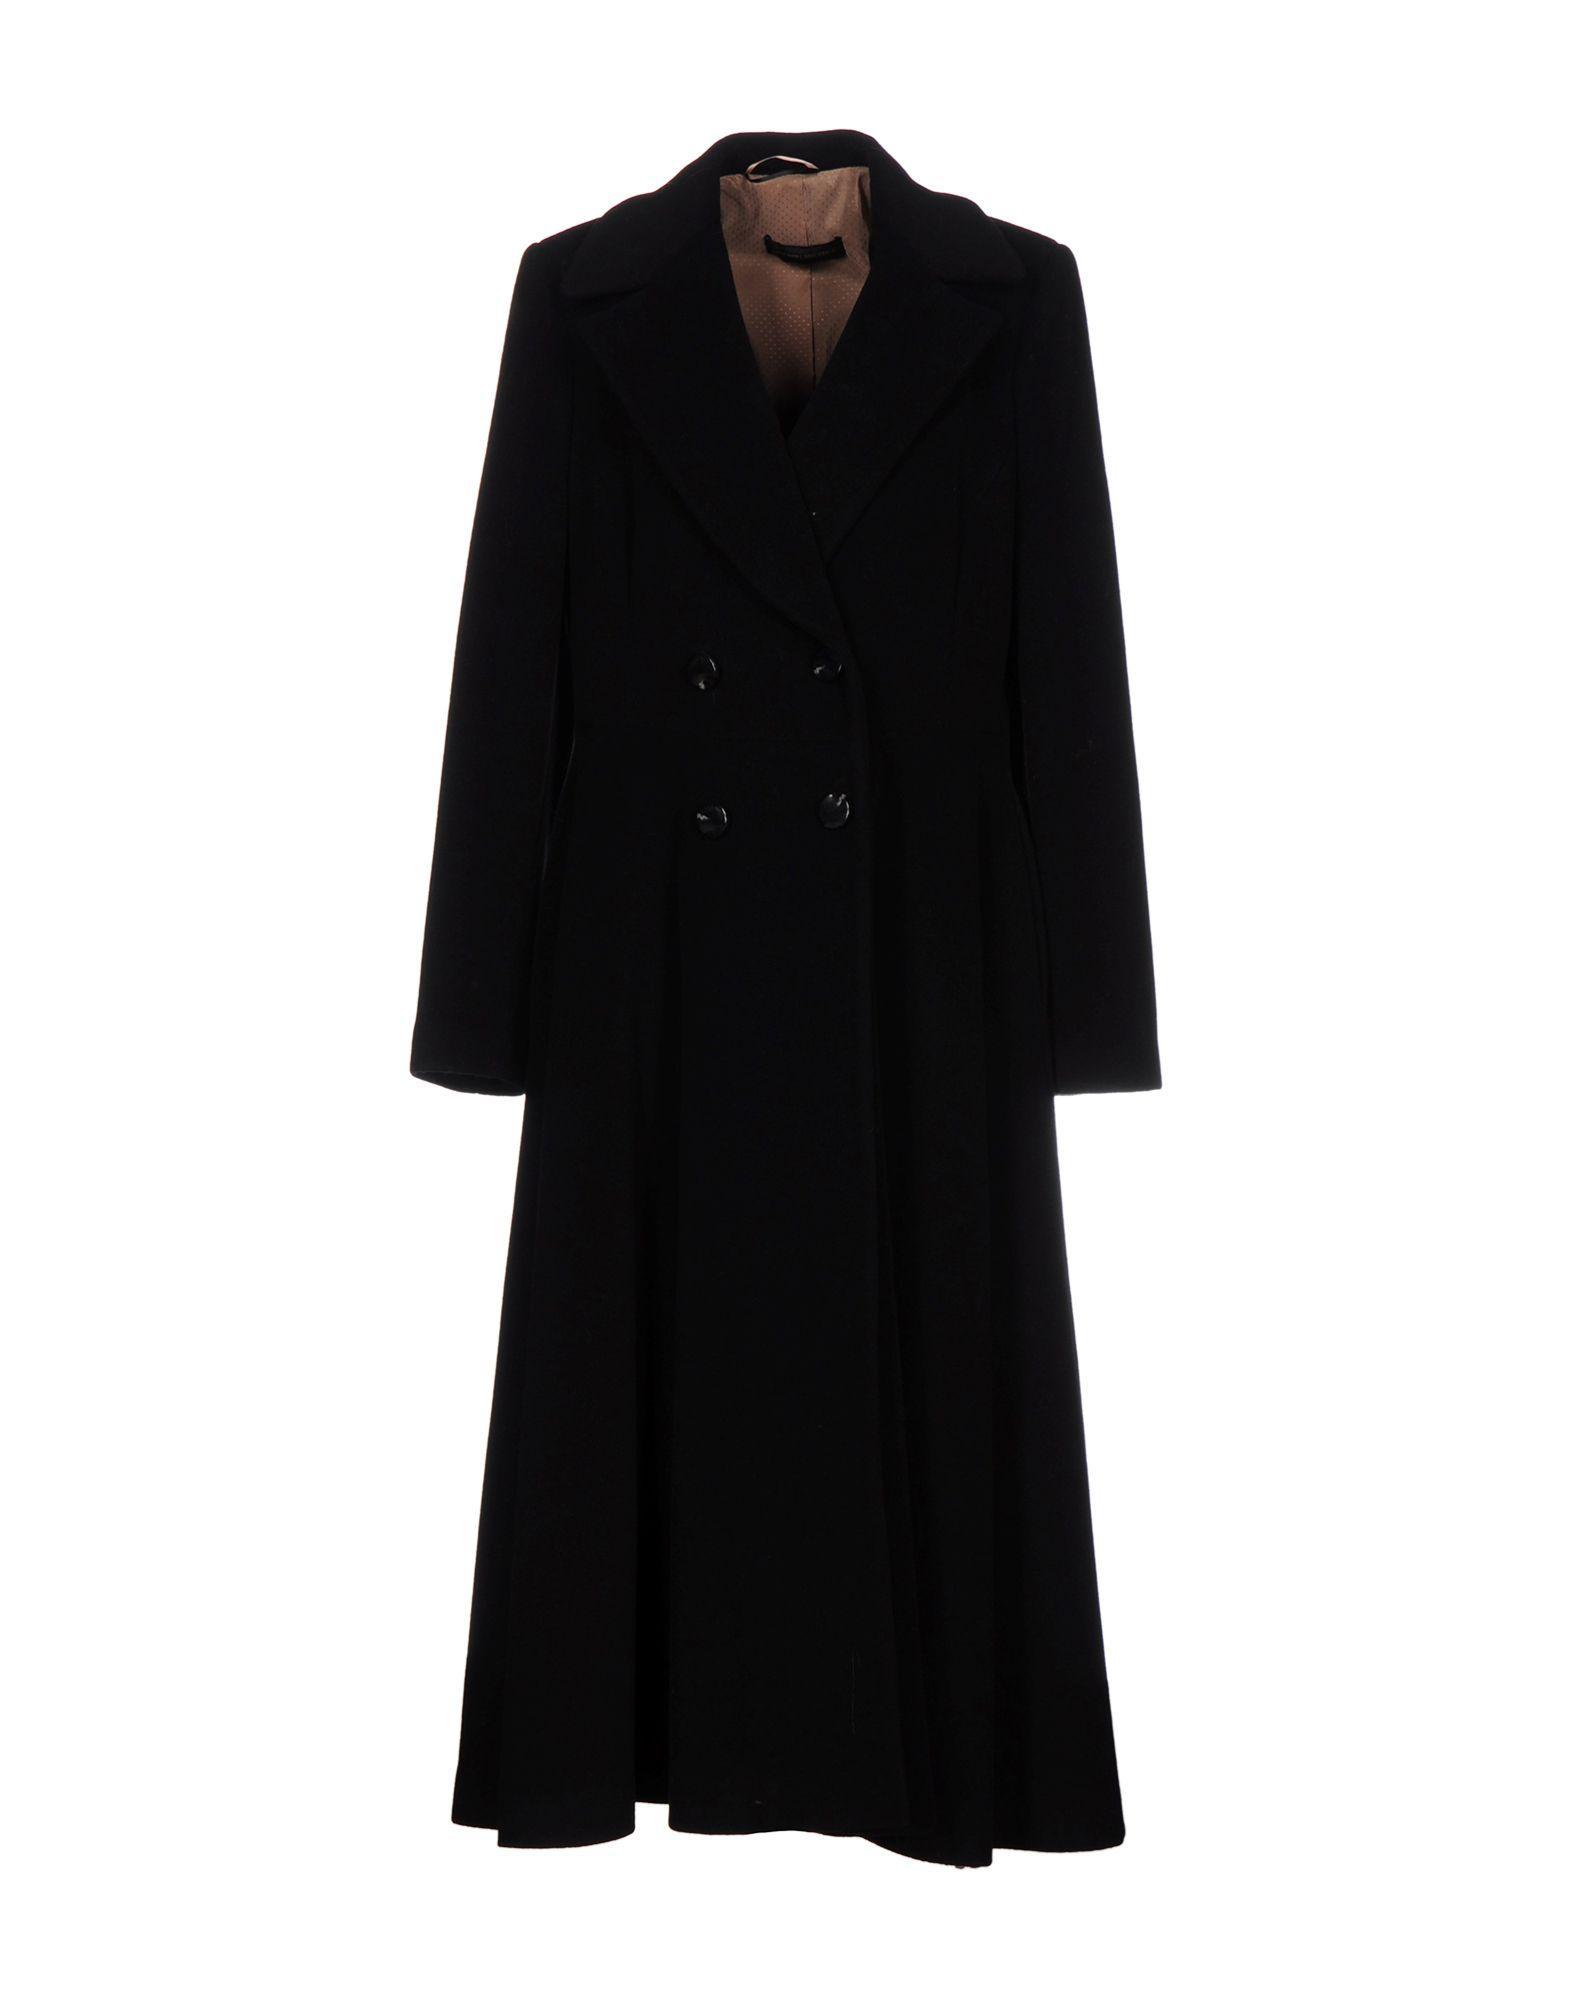 Alessandro Dell'acqua Coats In Black